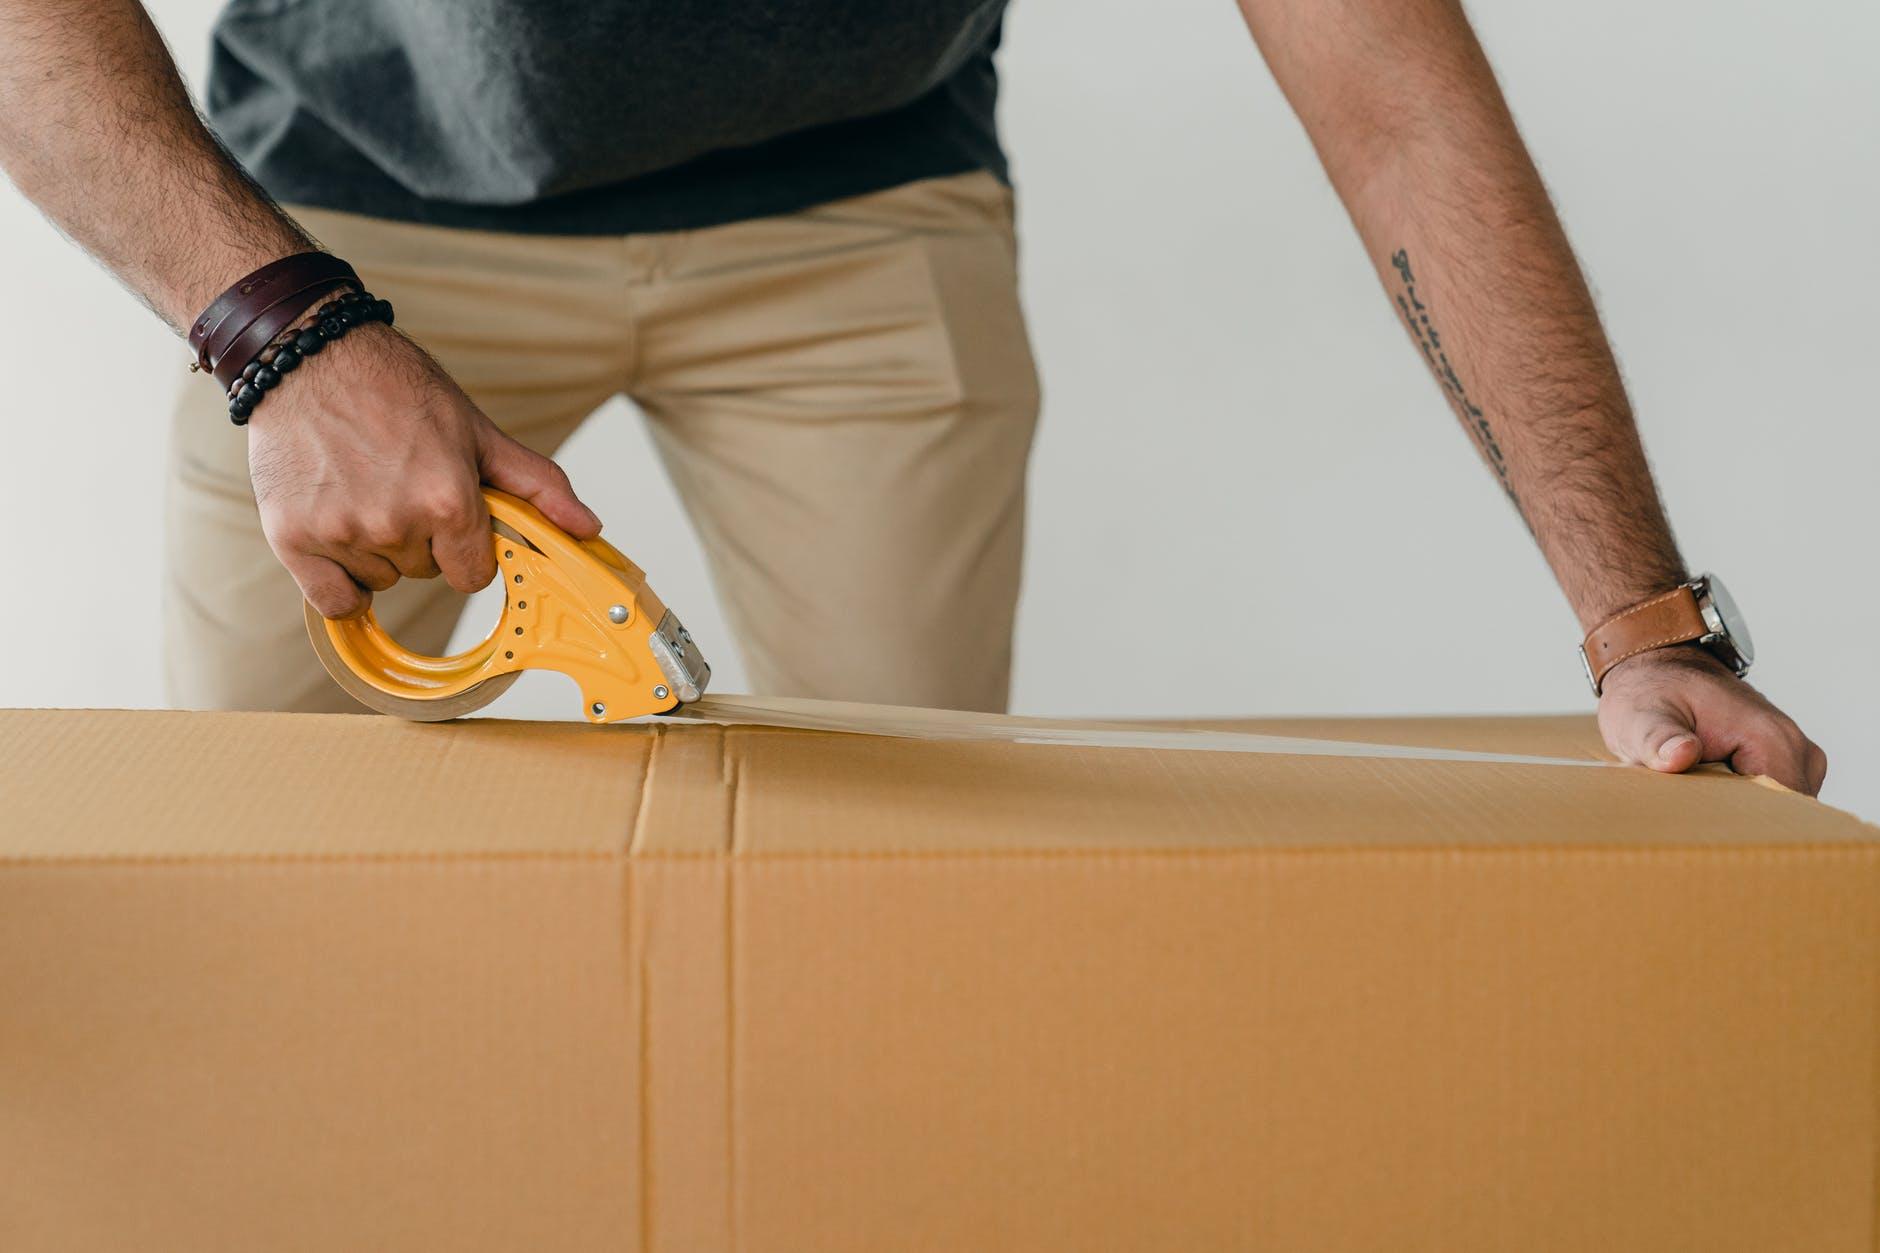 crop man sealing carton box with adhesive tape